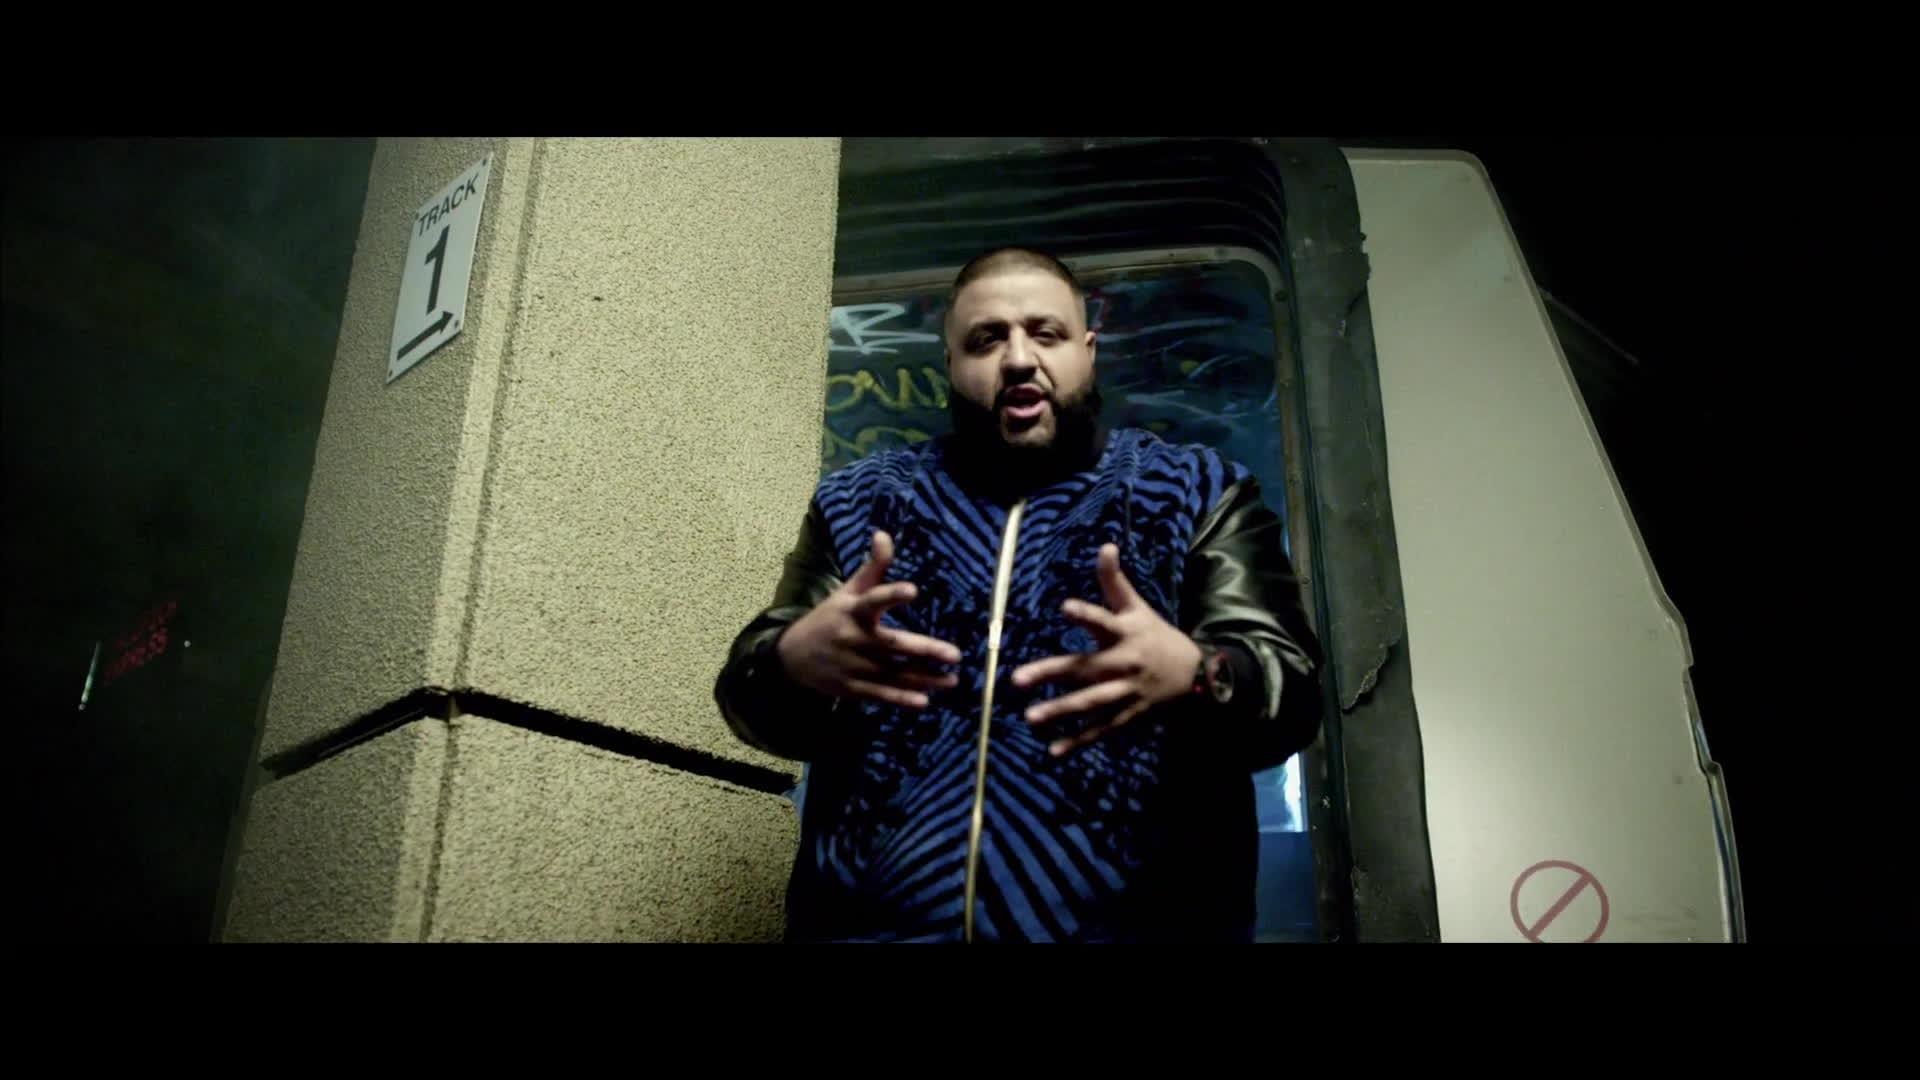 Dj Khaled, dj, khaled, take, Take It To The Head (Explicit) GIFs